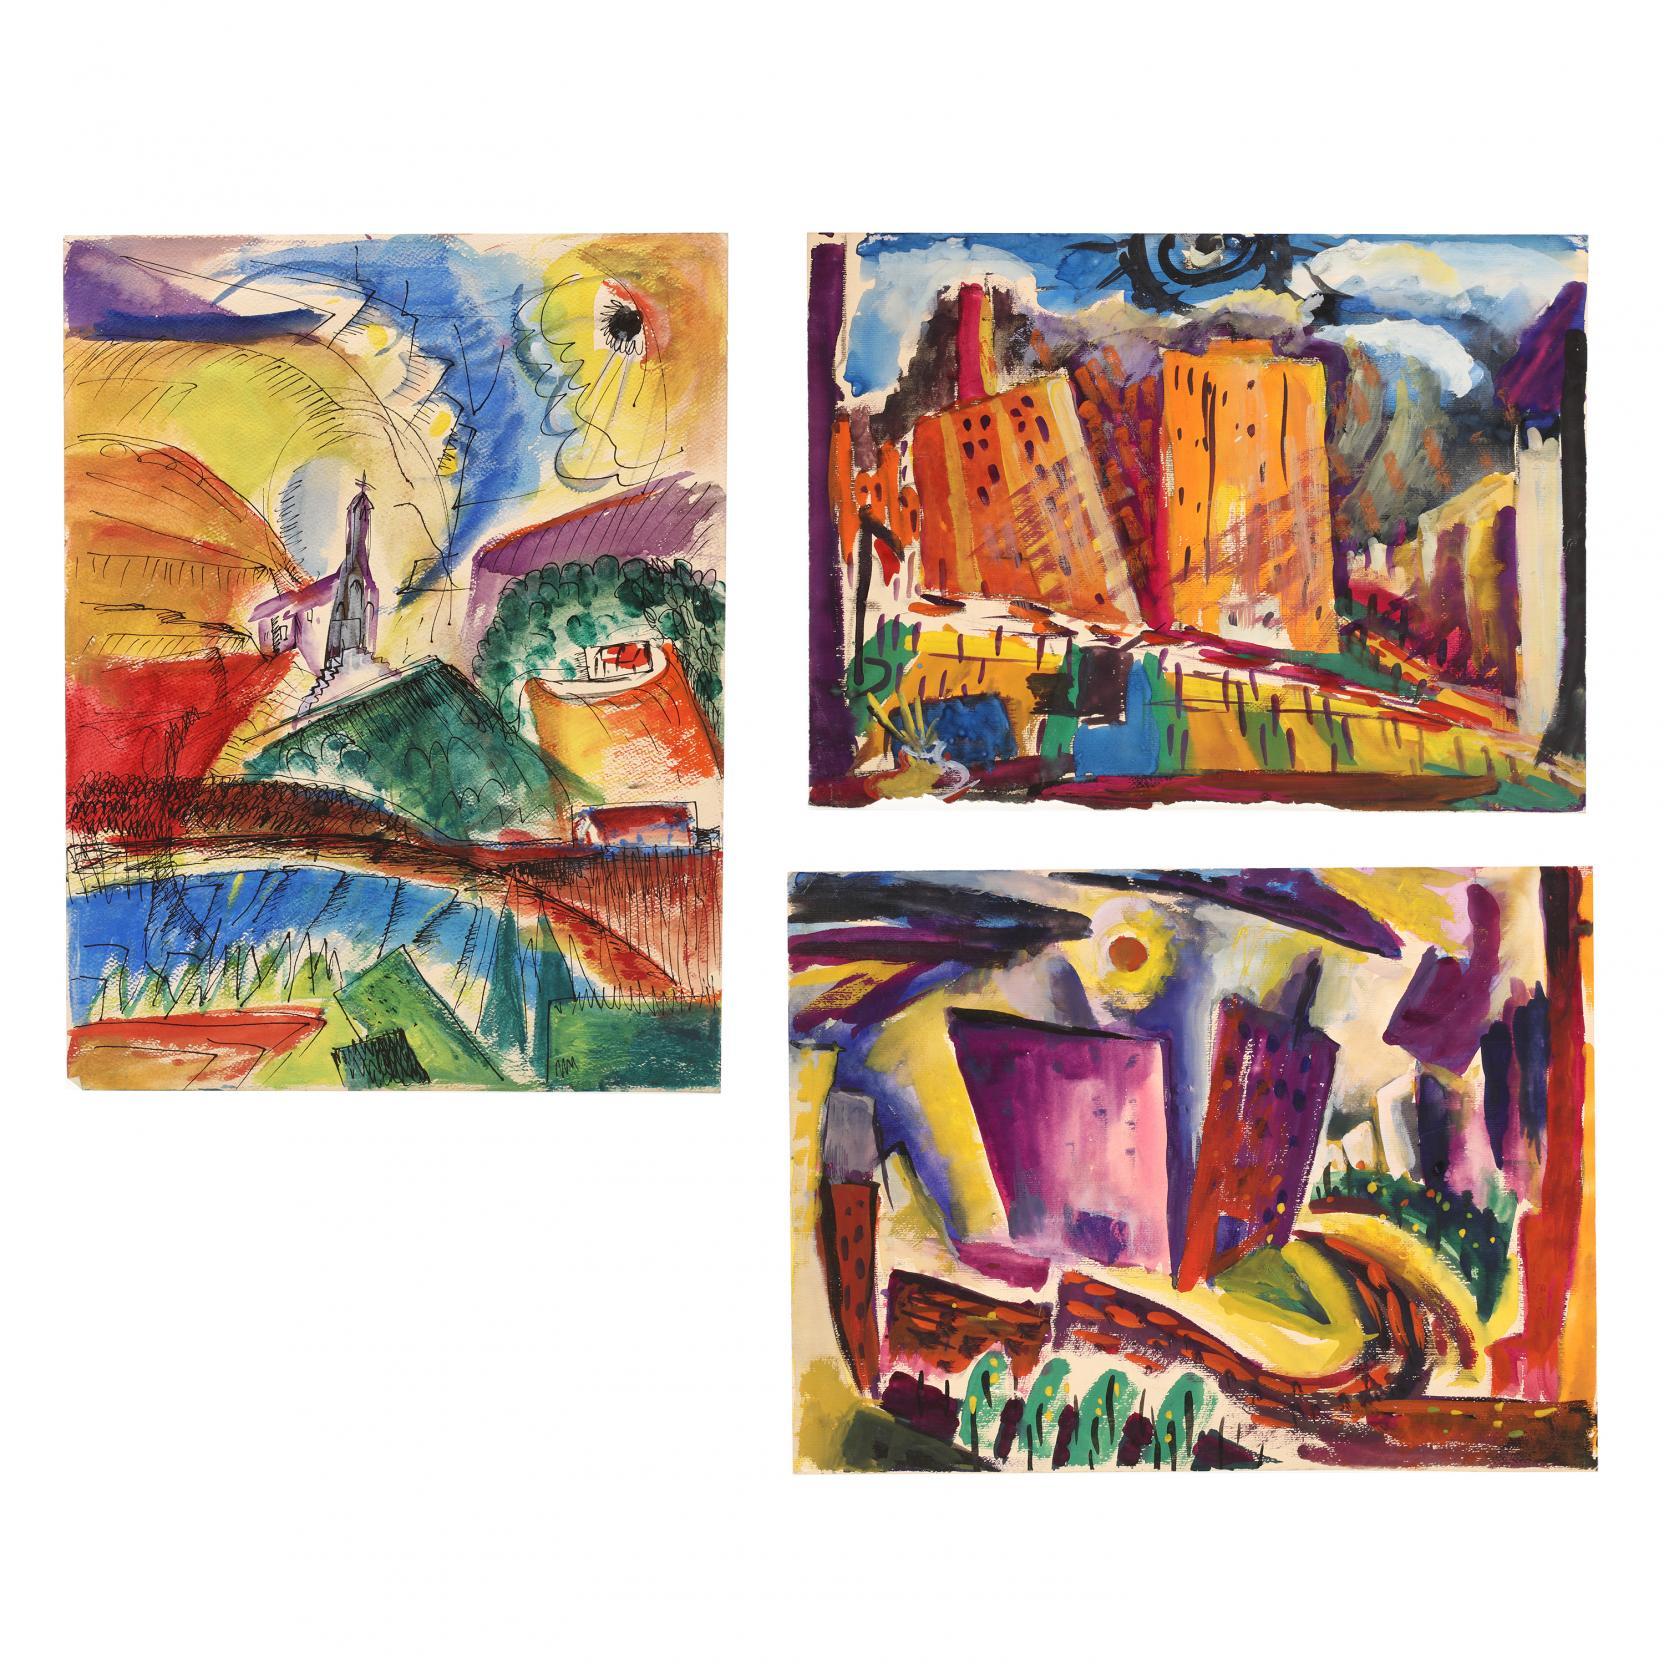 beulah-stevenson-ny-1890-1965-three-landscapes